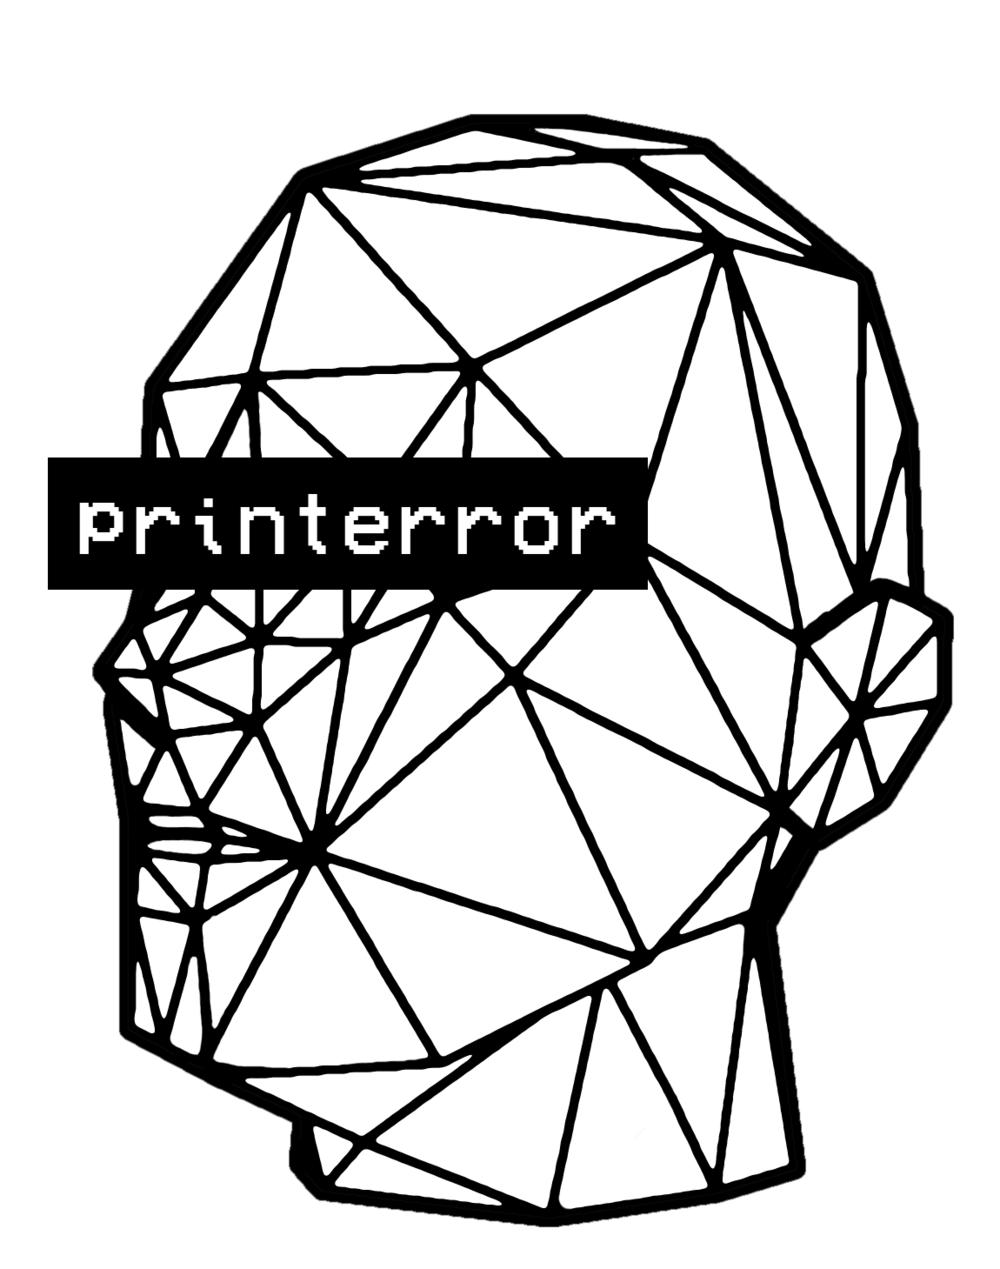 printerror_logo_final (1).png